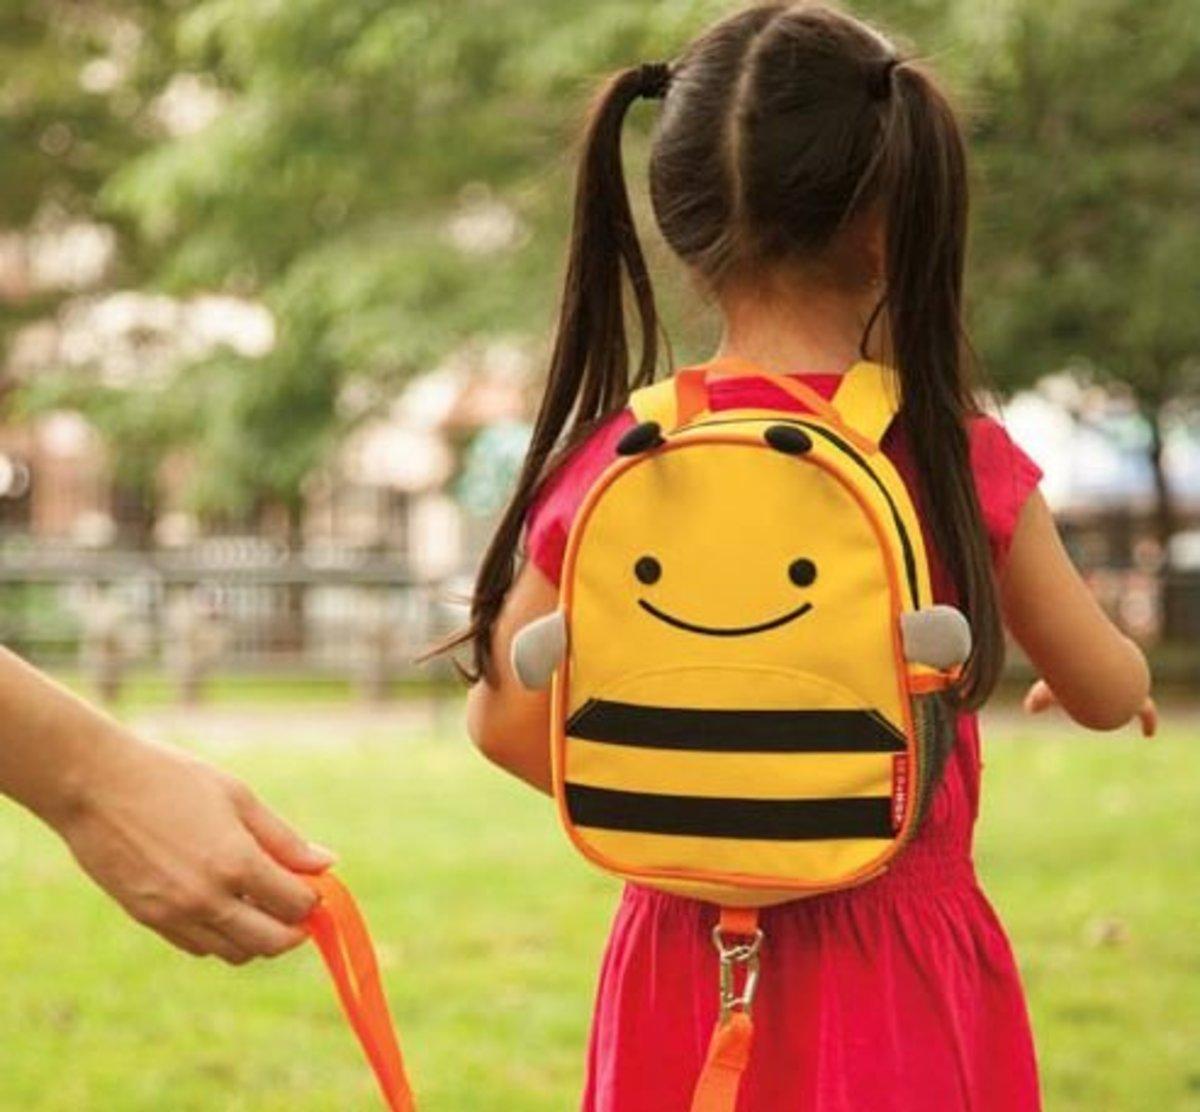 可愛動物園迷你背包 - 小蜜蜂